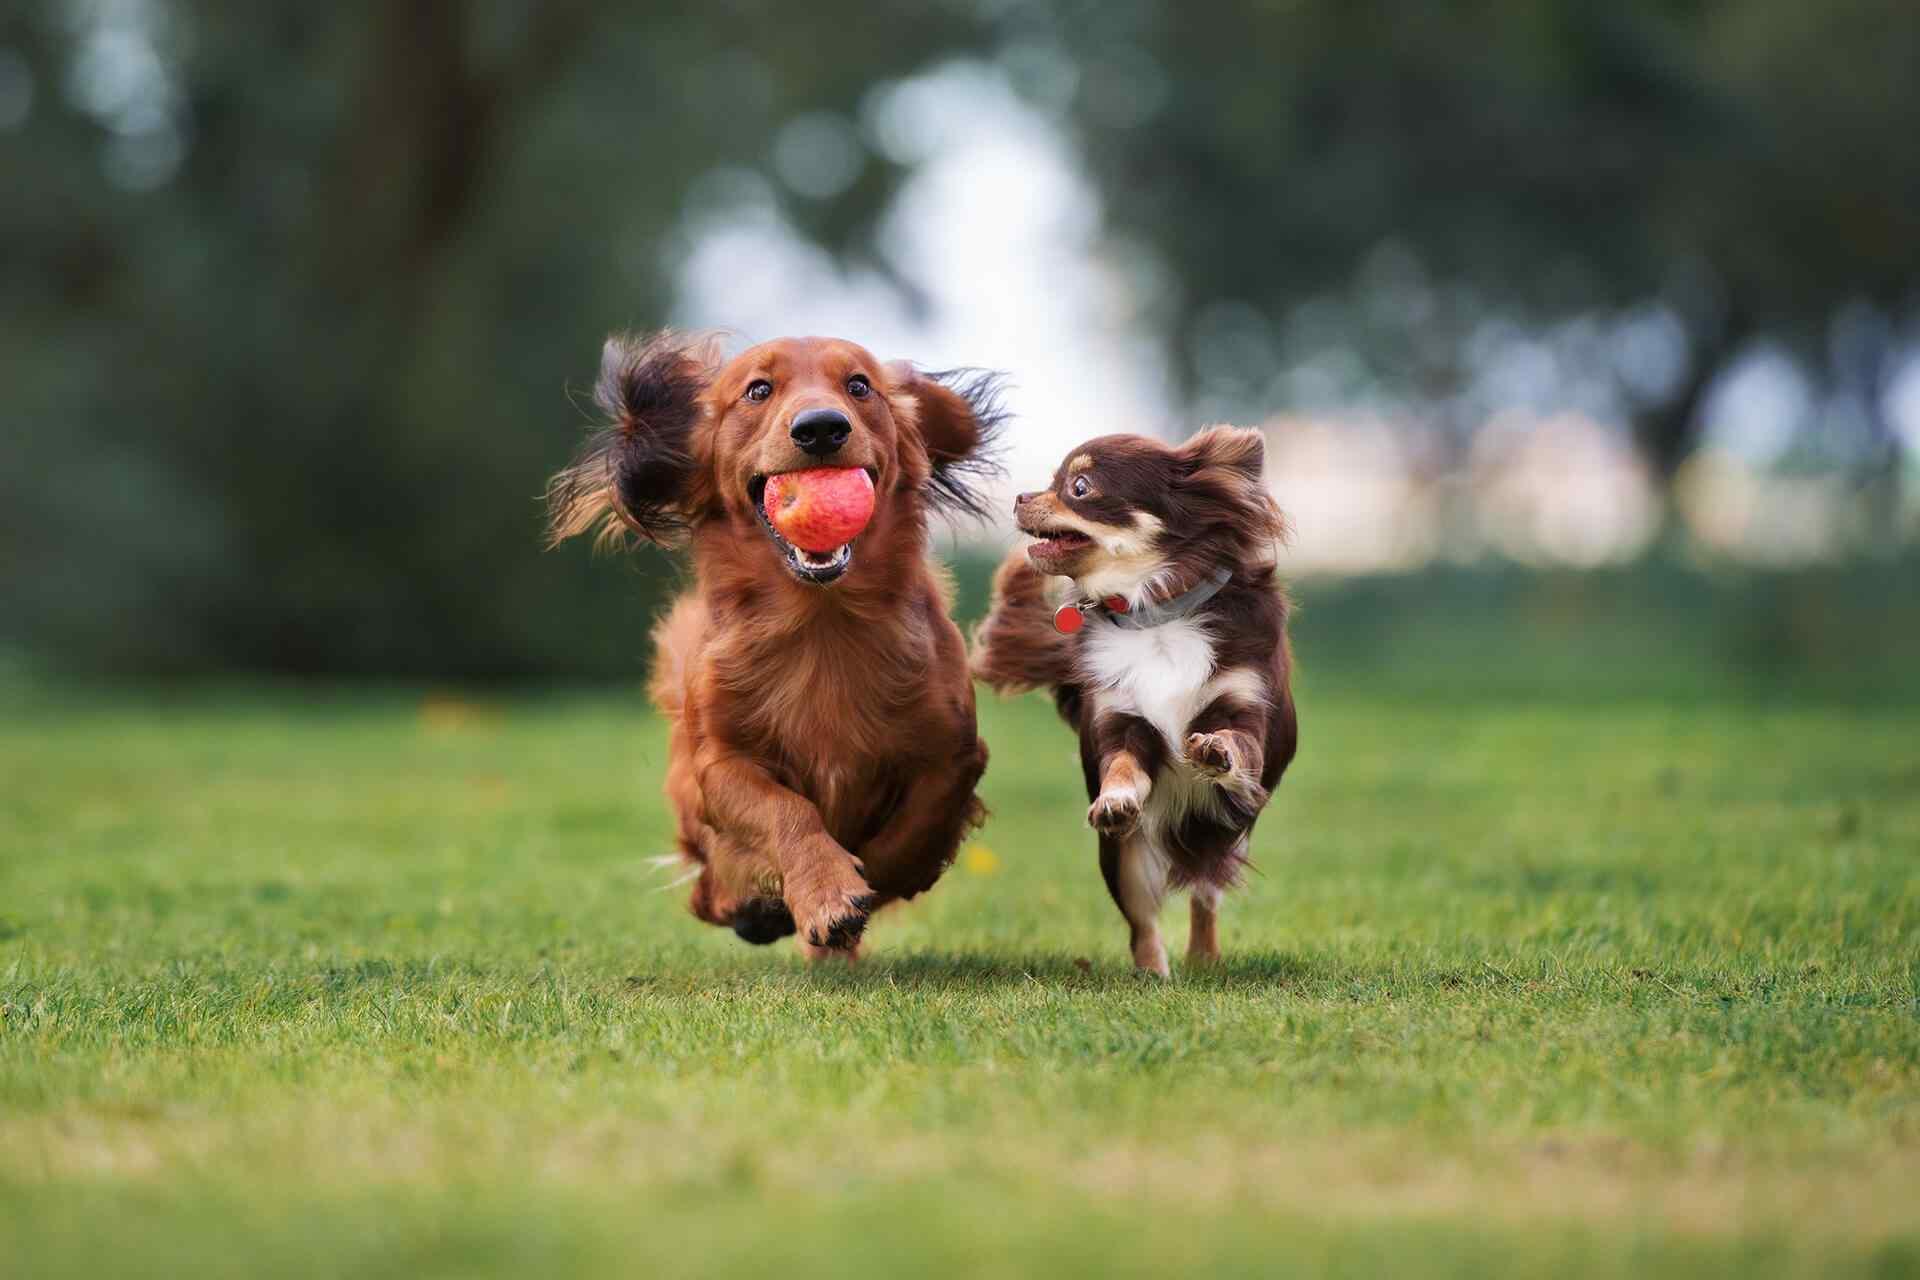 http://www.dog-adoptions.com/wp-content/uploads/2018/09/portfolio_04.jpg